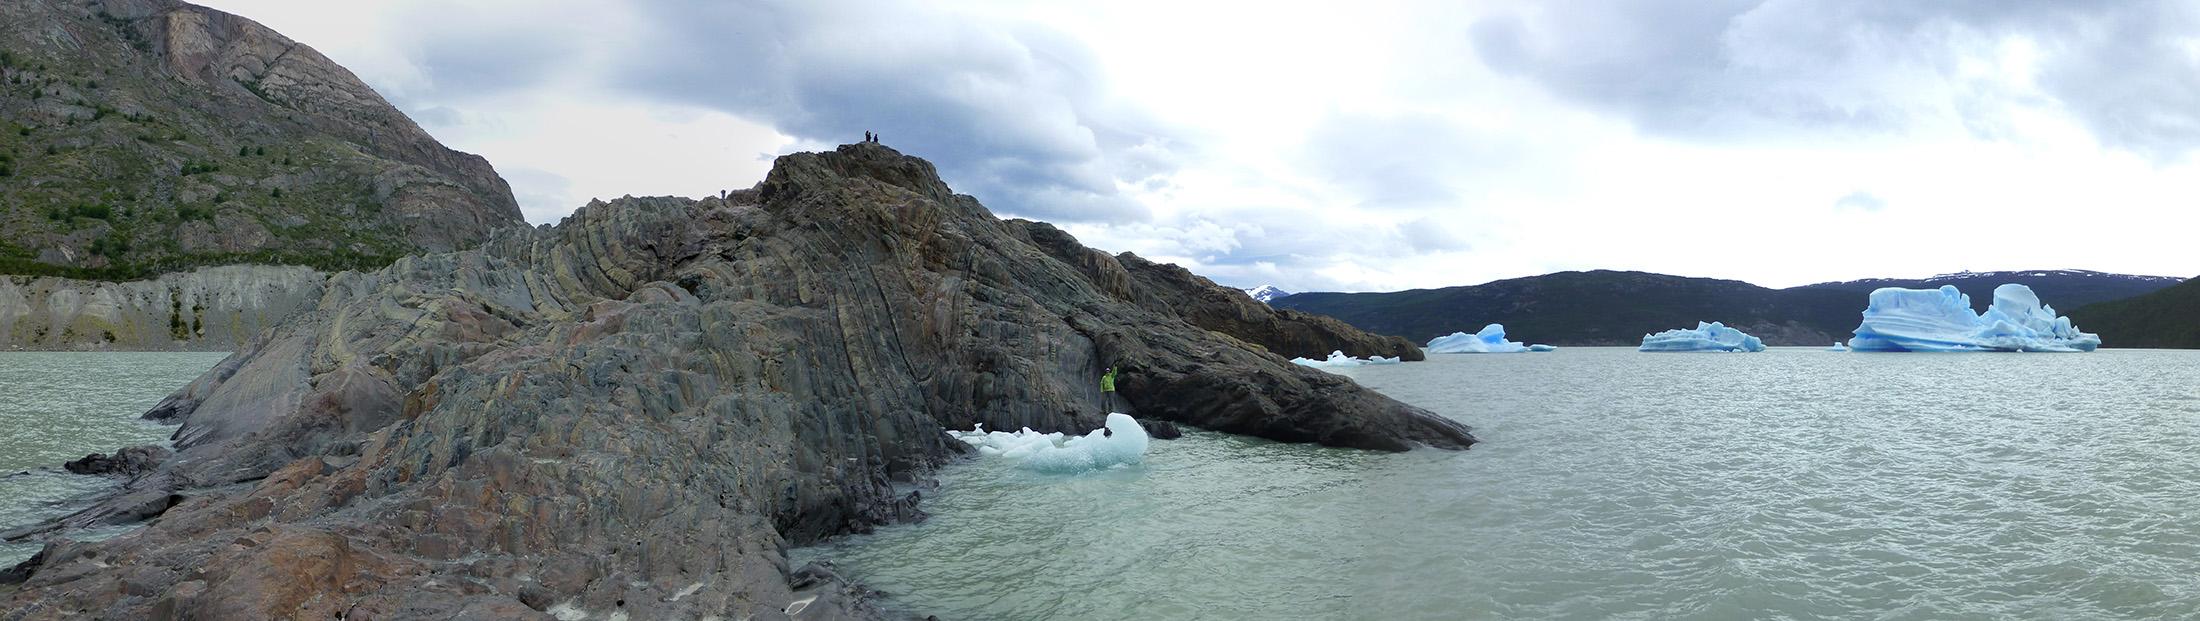 Our Glacier Grey viewing platform.